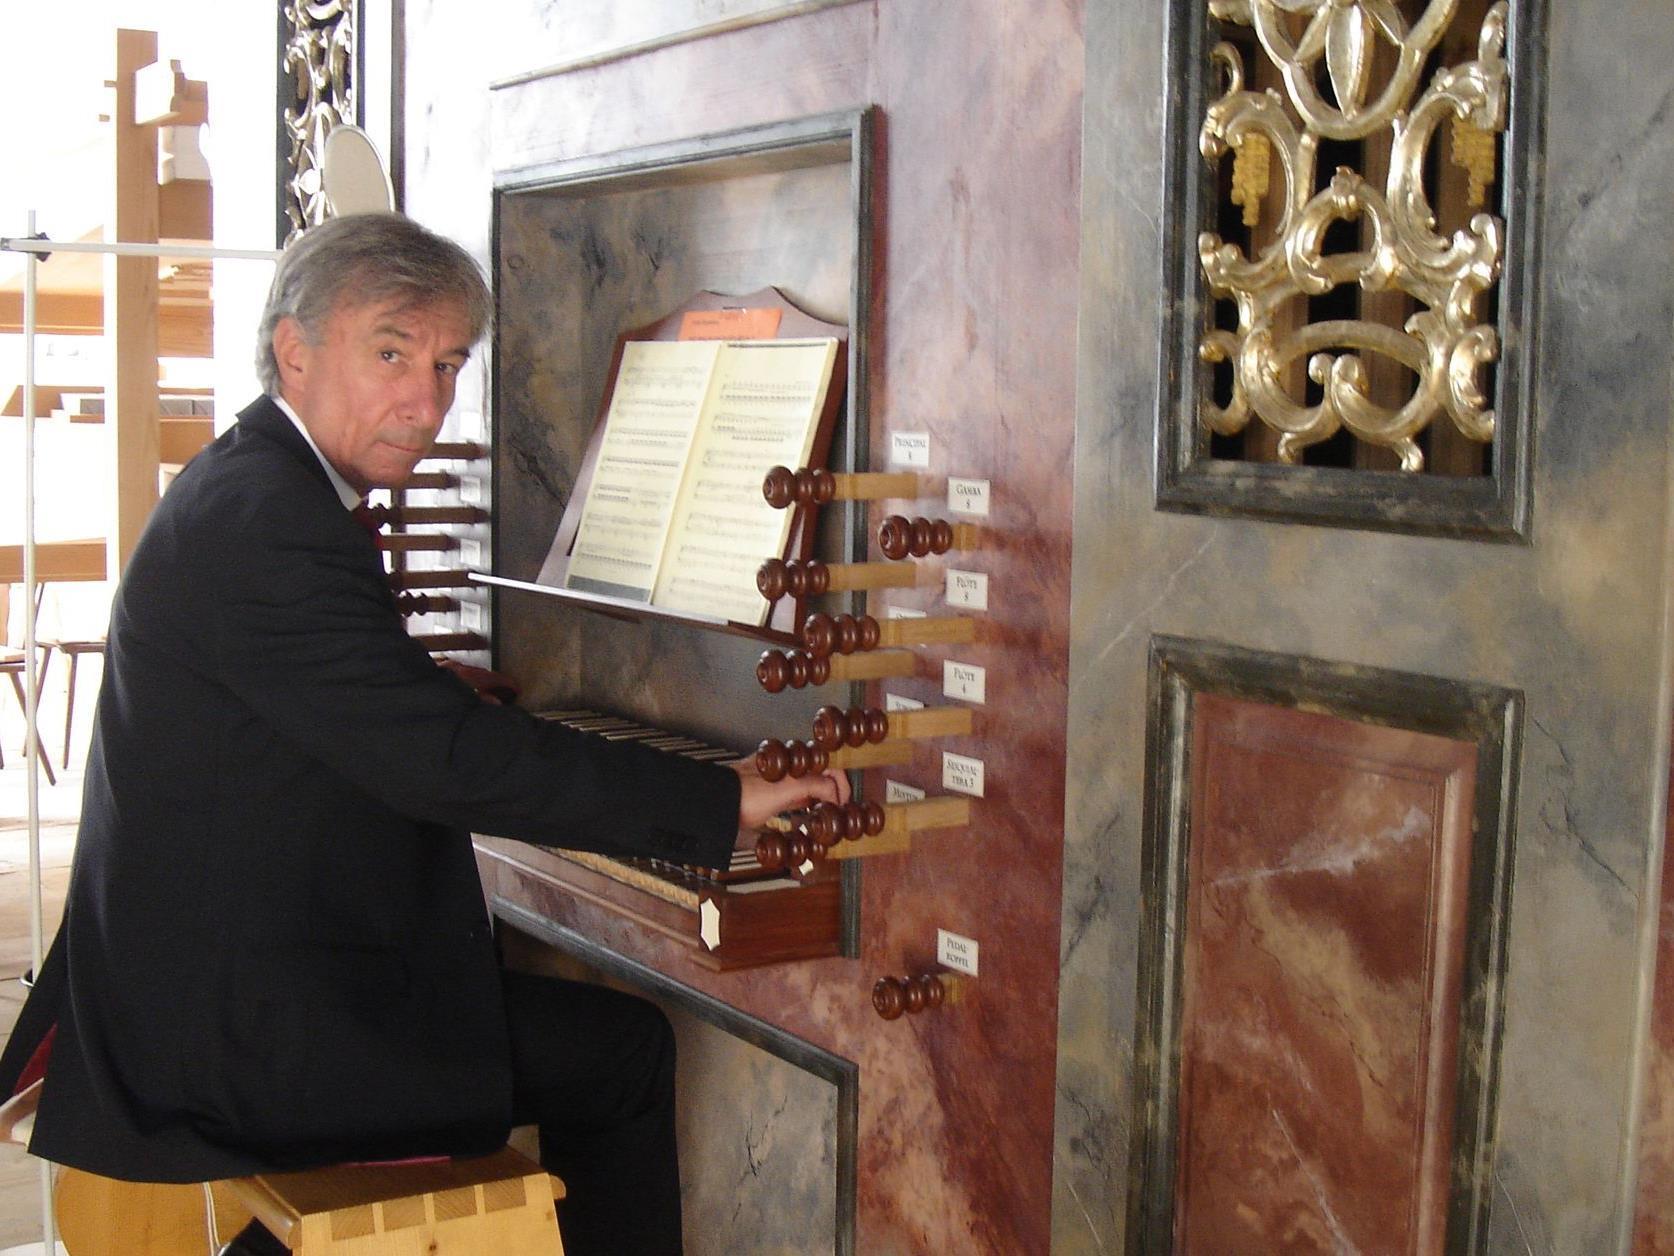 Prof. Bruno Oberhammer spielt das 15. Konzert mit Orgelwerken von Johann Sebastian Bach